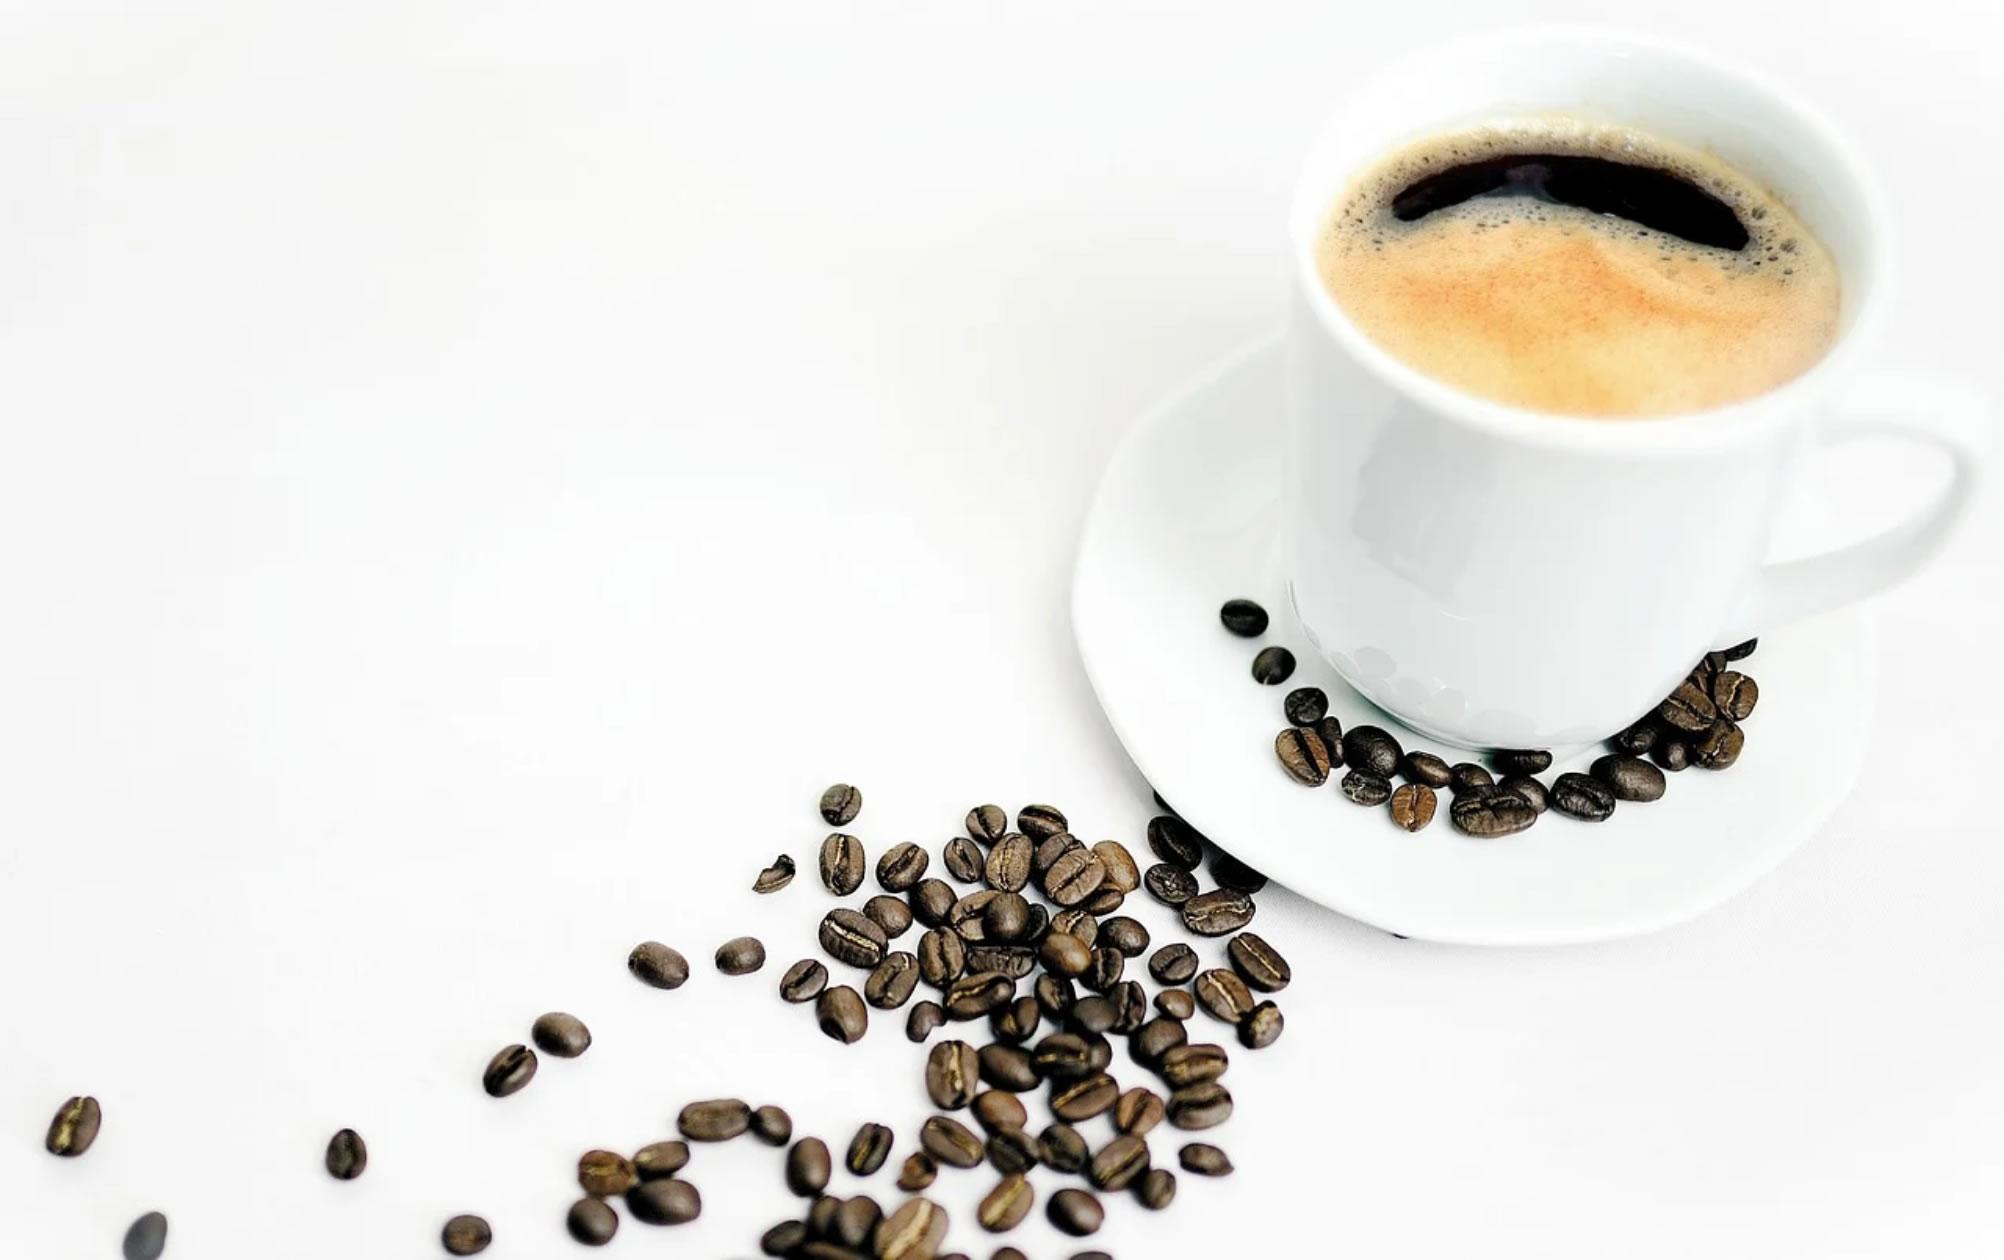 调查发现没有证据表明适量饮用咖啡会导致心律失常 可能还具有消炎益处